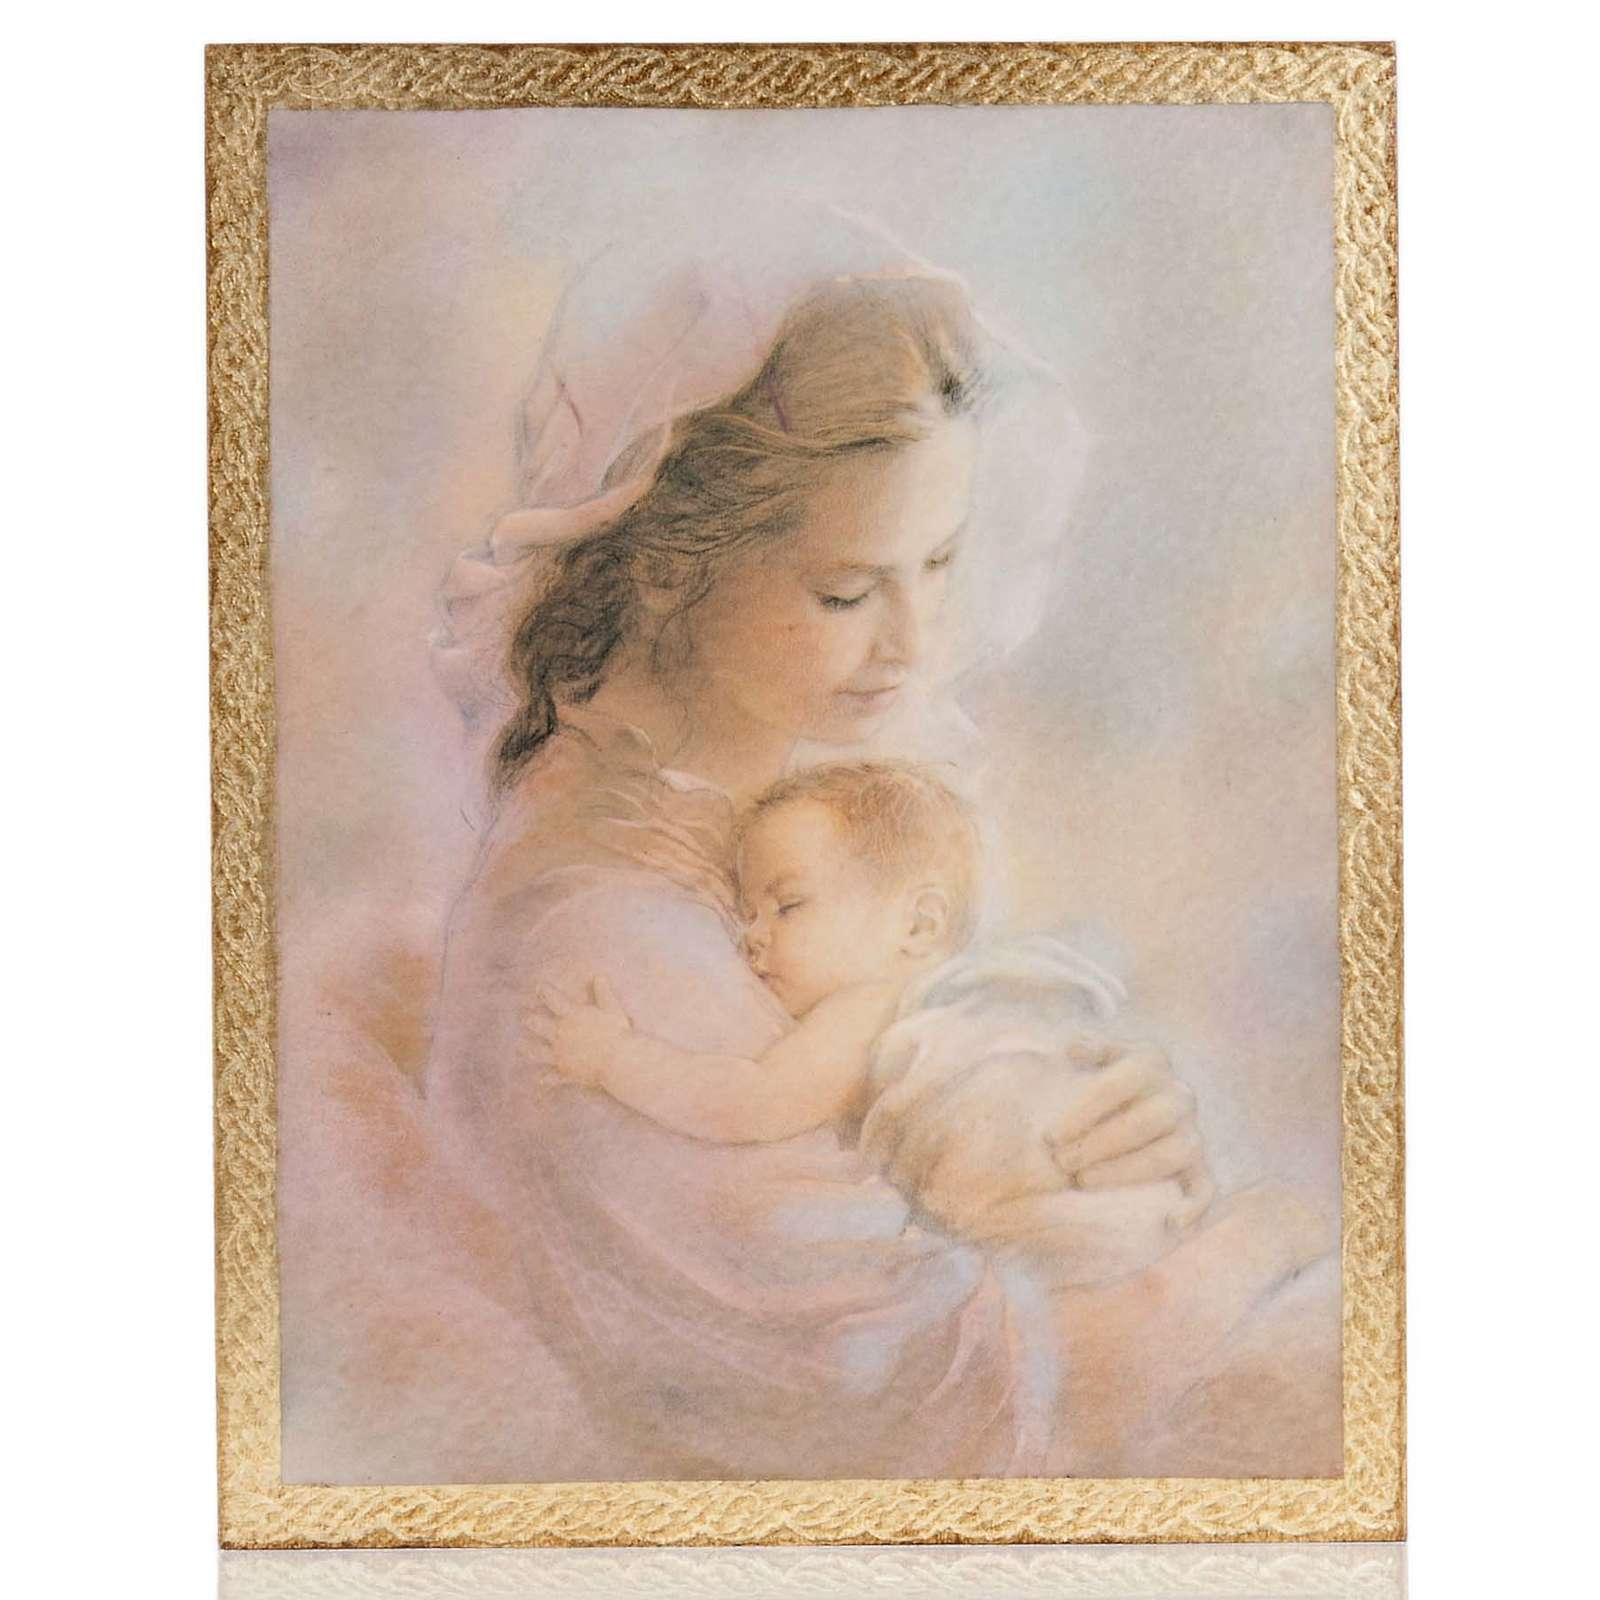 Cuadro madera imagen Virgen con Niño fondo nubes 3